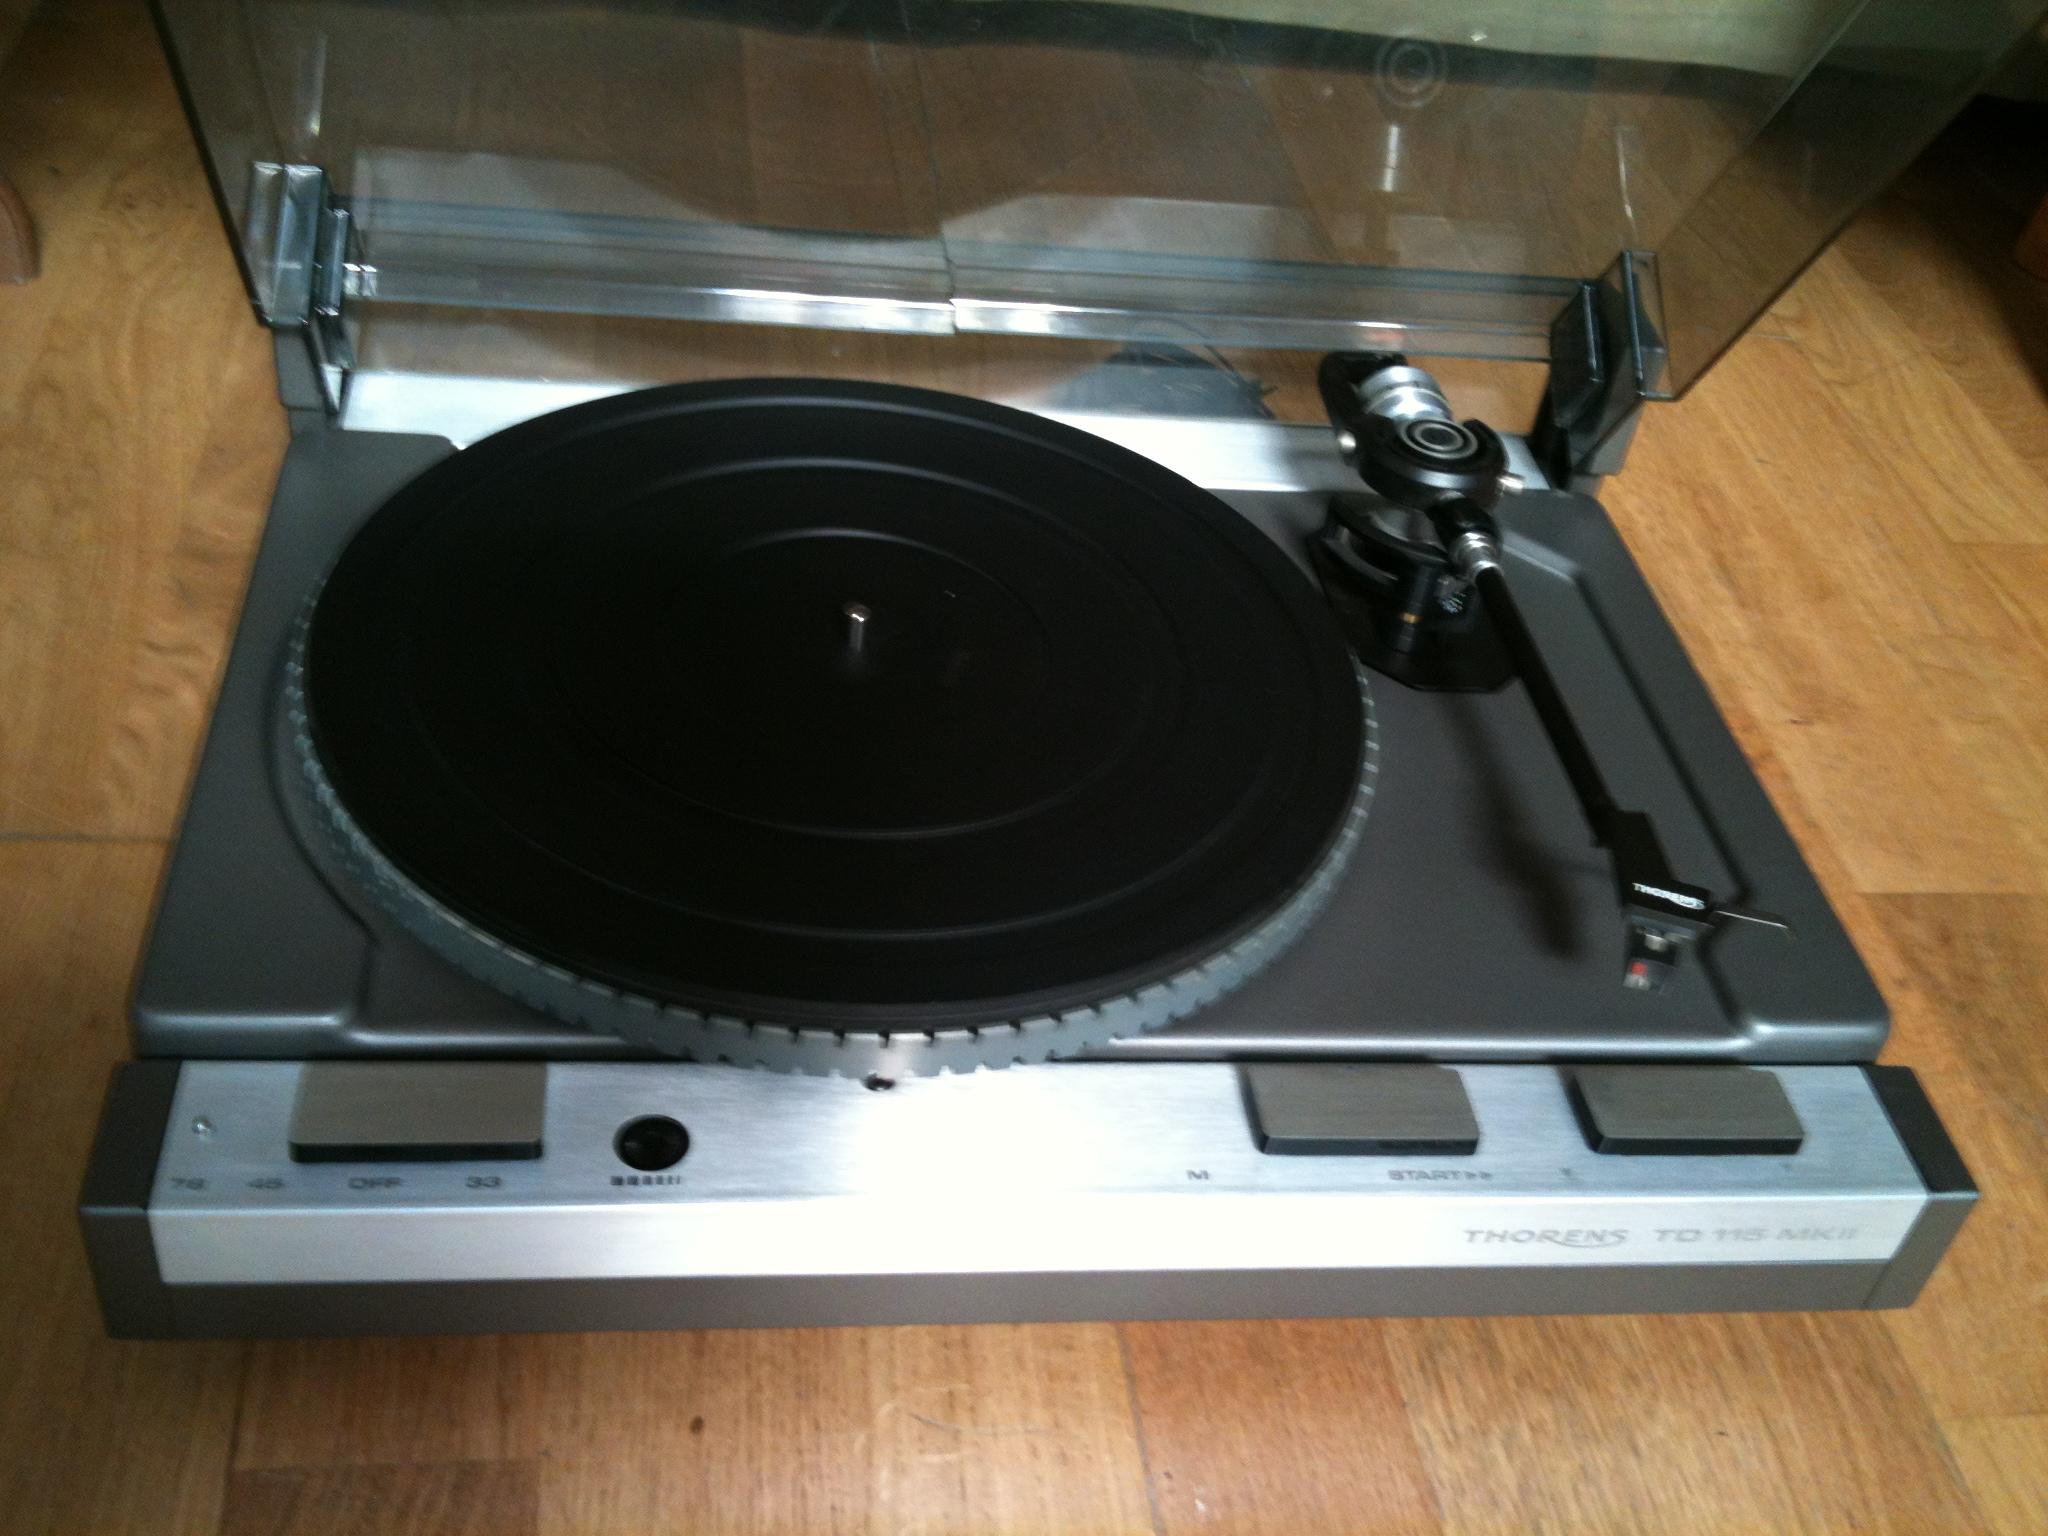 Platine thorens td 115 mk ii turntable vintage rare design hifi ebay - Achat platine vinyle vintage ...